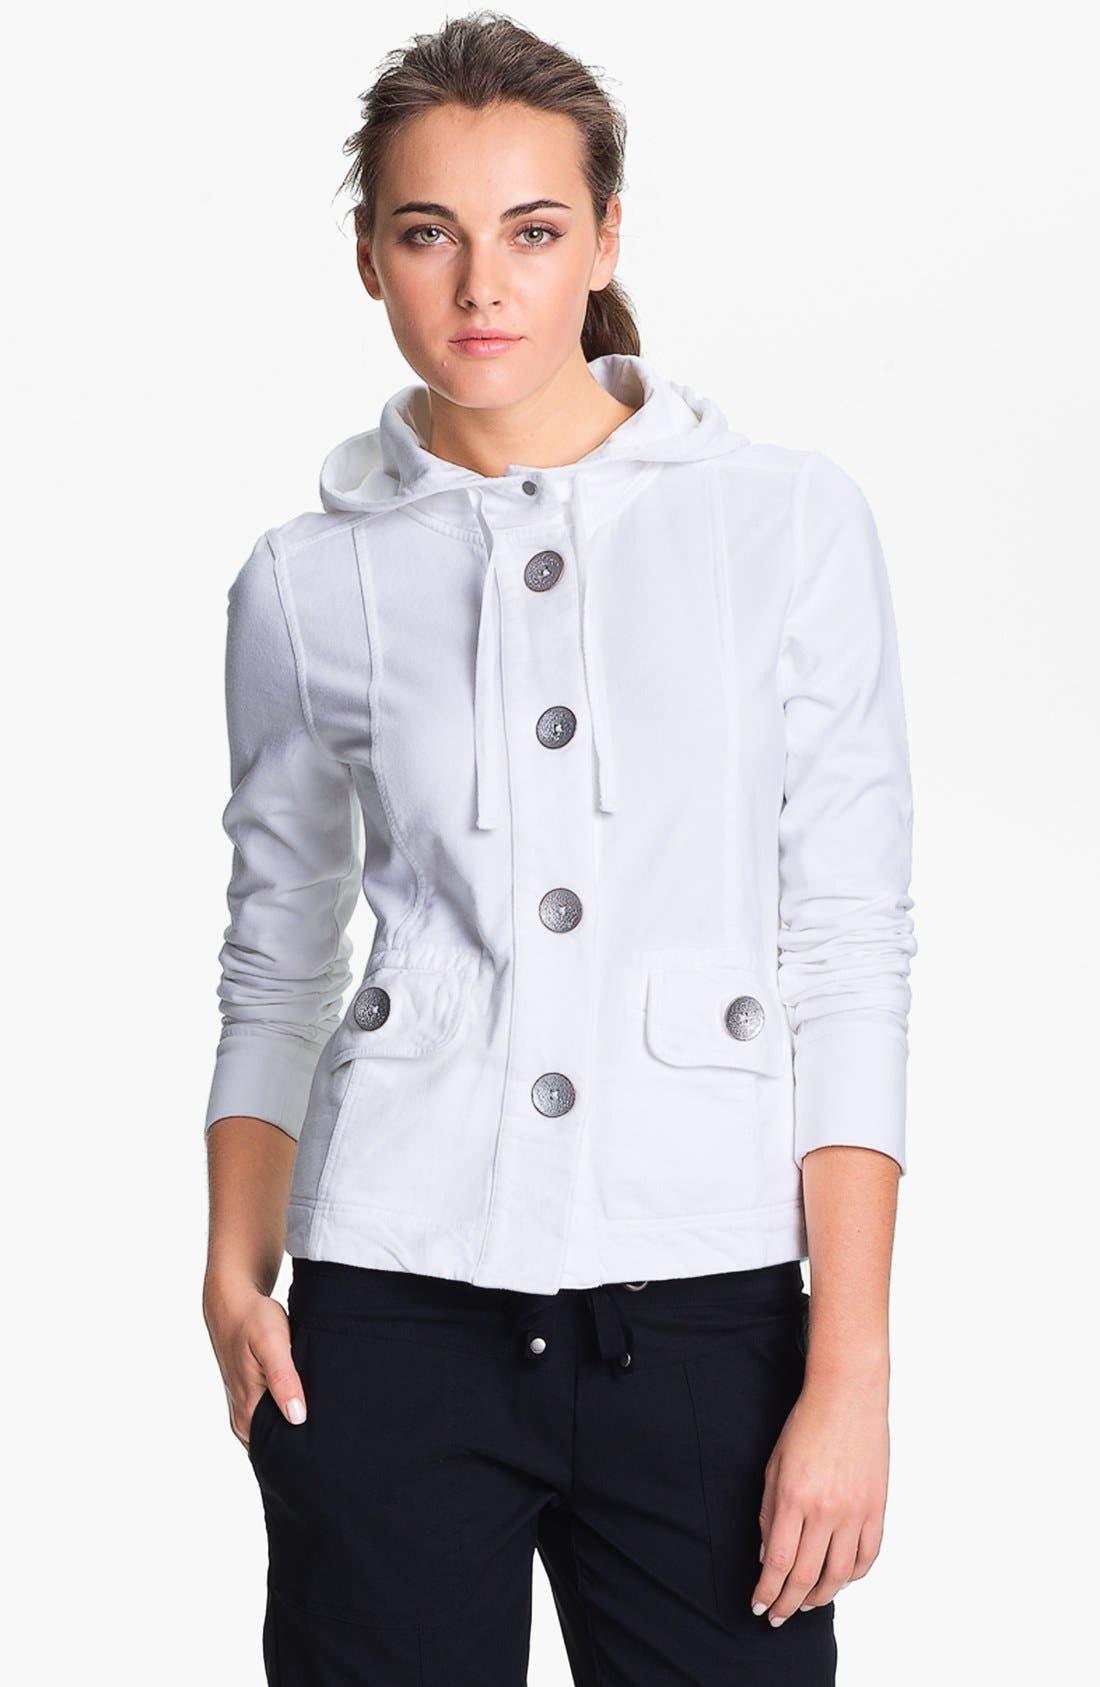 Main Image - prAna 'Janelle' Jacket